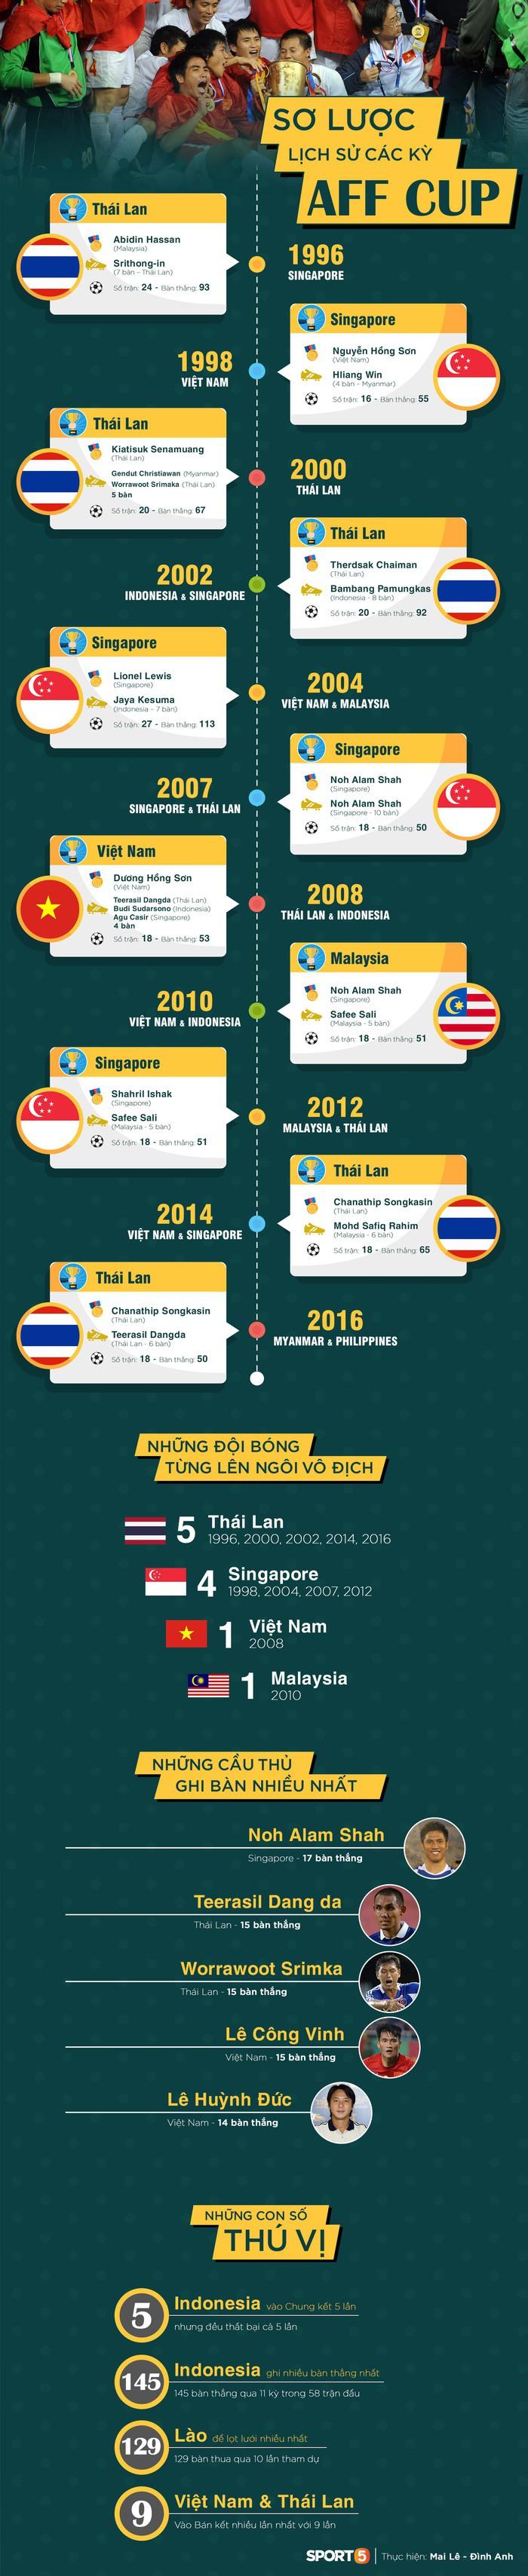 AFF CUP: Lịch sử hơn 20 năm Giải vô địch bóng đá Đông Nam Á - Ảnh 1.